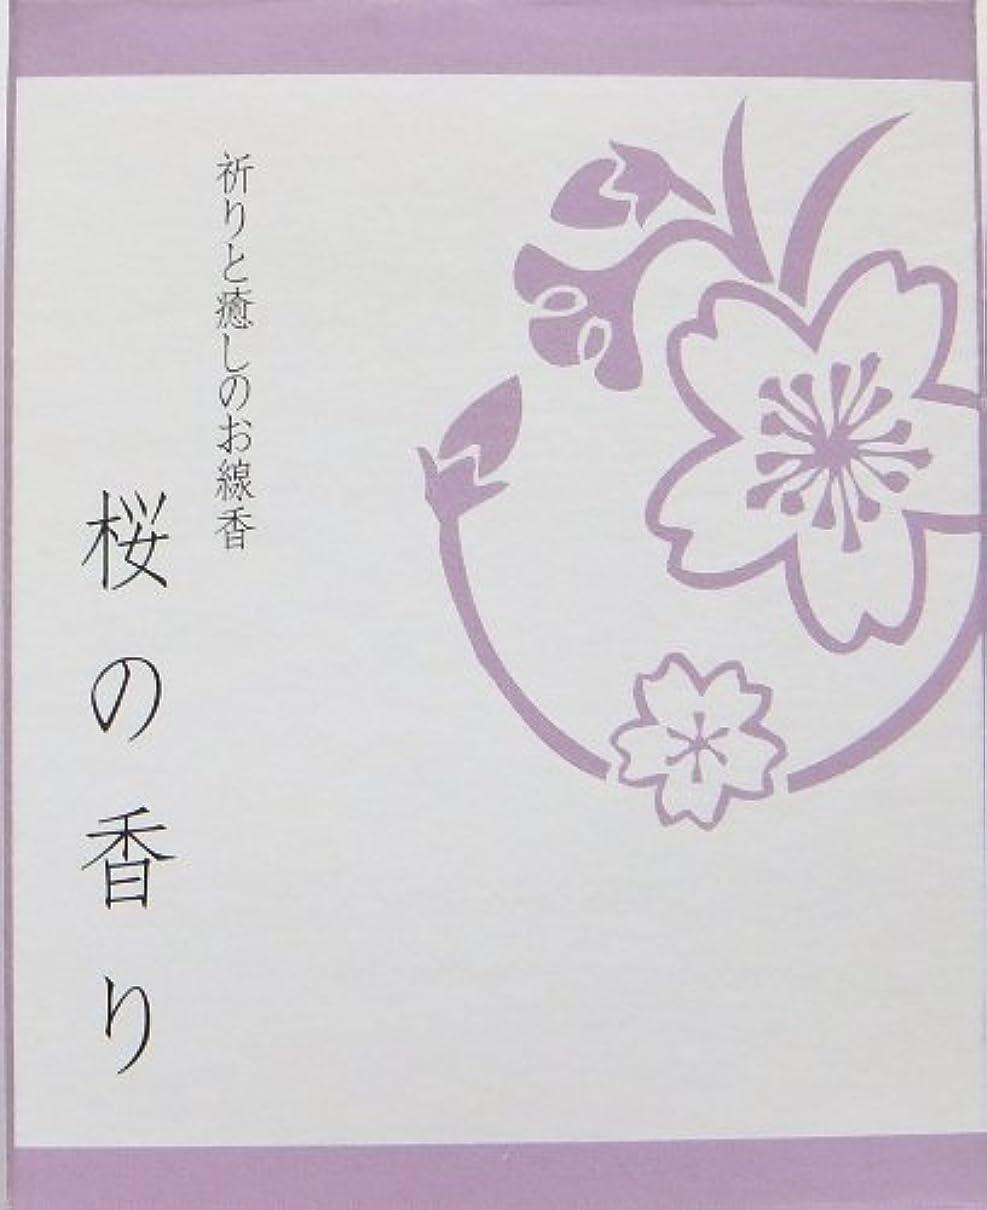 修理可能酸化物内向き祈りと癒しのお線香ミニ 桜